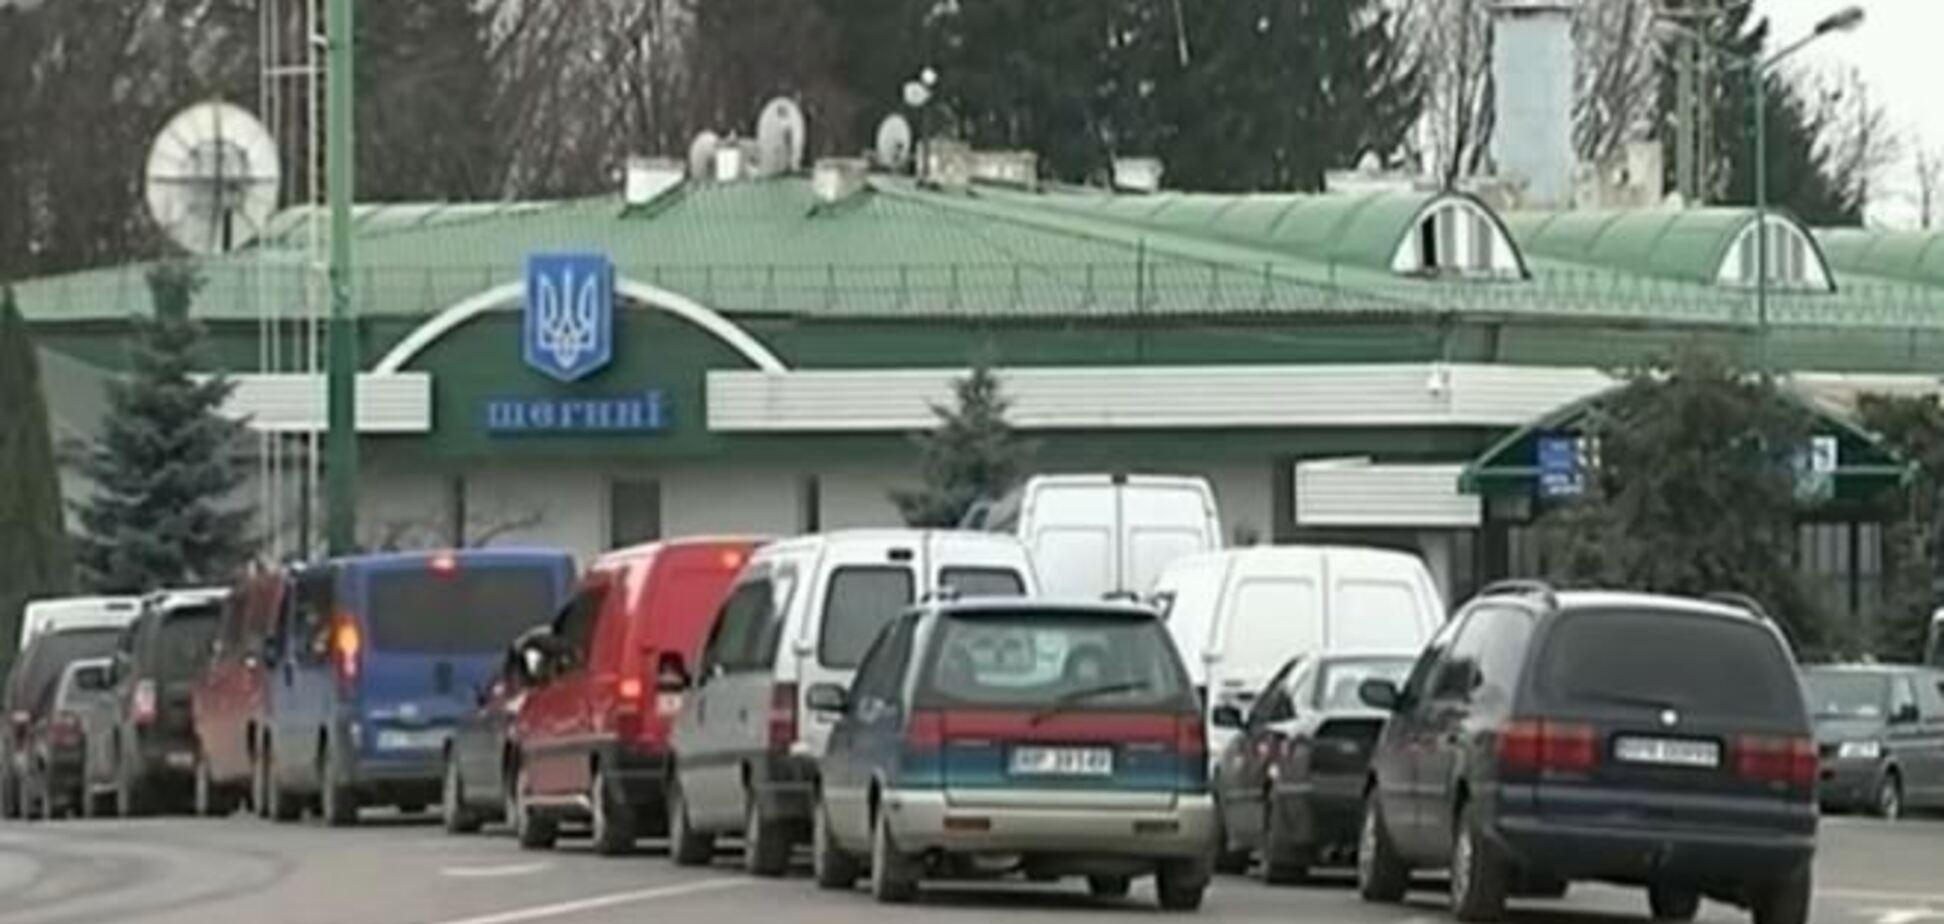 Российские СМИ попались на лжи, рассказывая о толпах беженцев из Украины